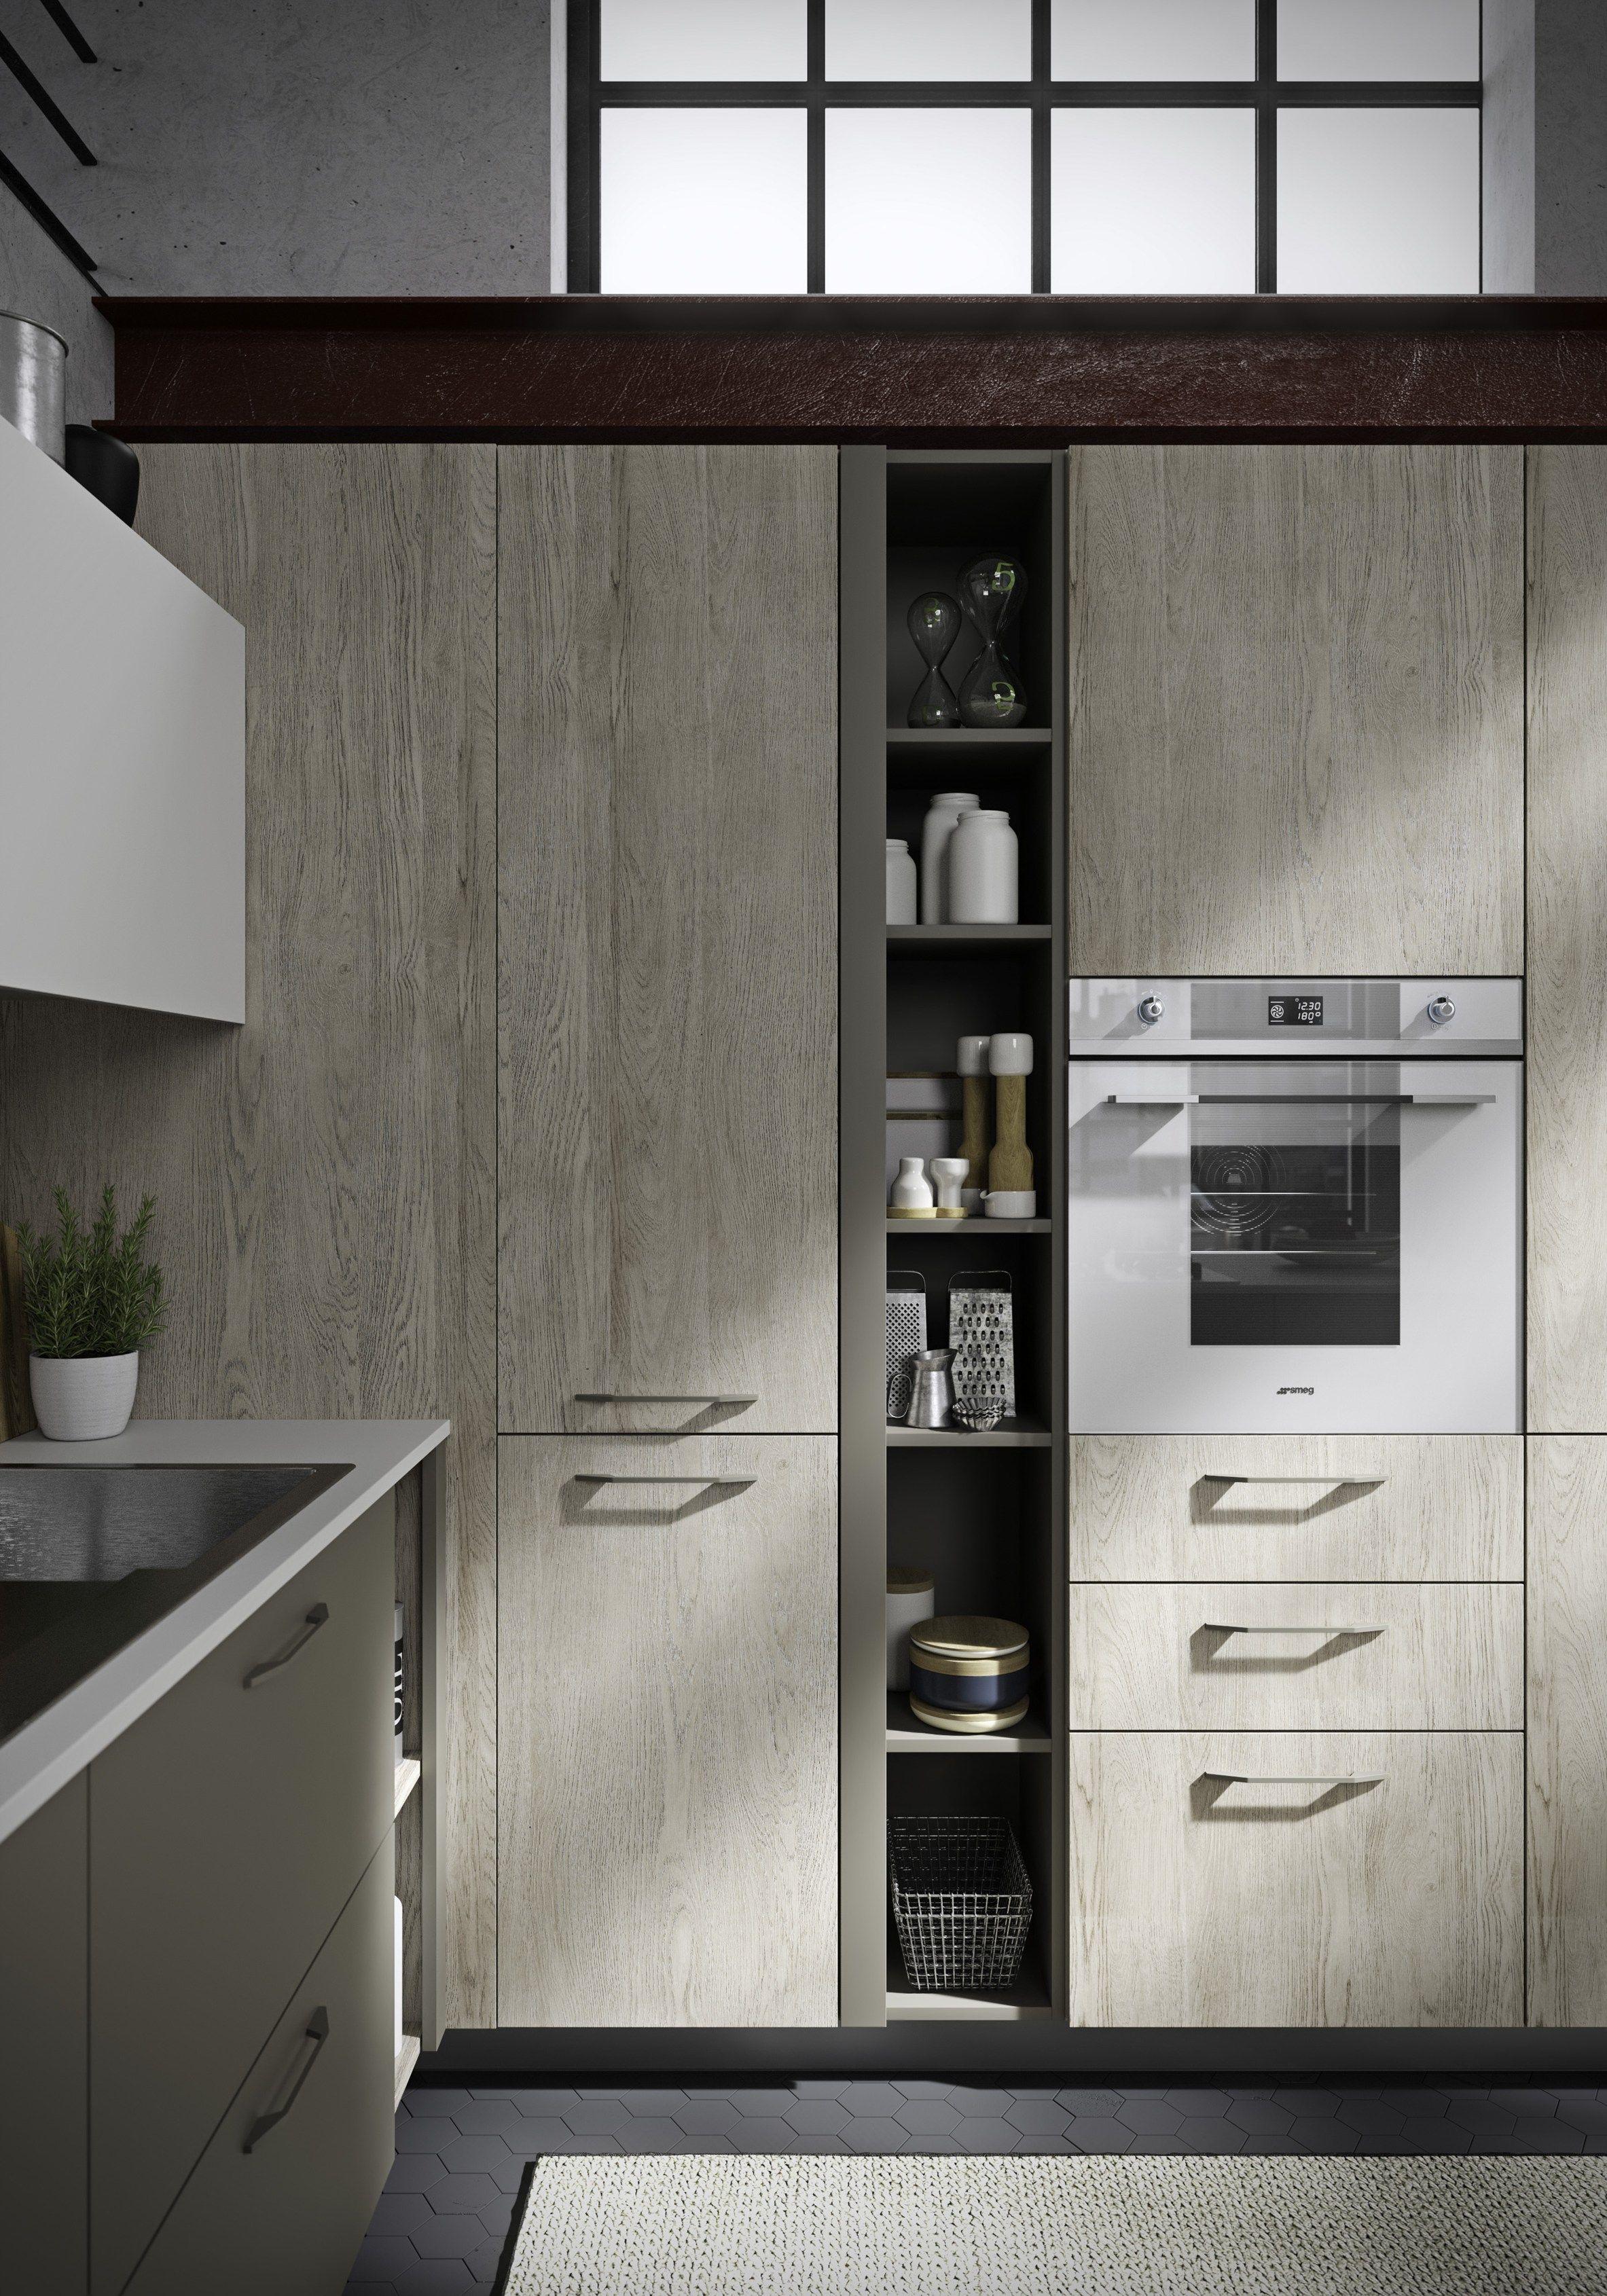 Cucina Componibile Snaidero | Cucina Snaidero Orange Idee Di Design ...